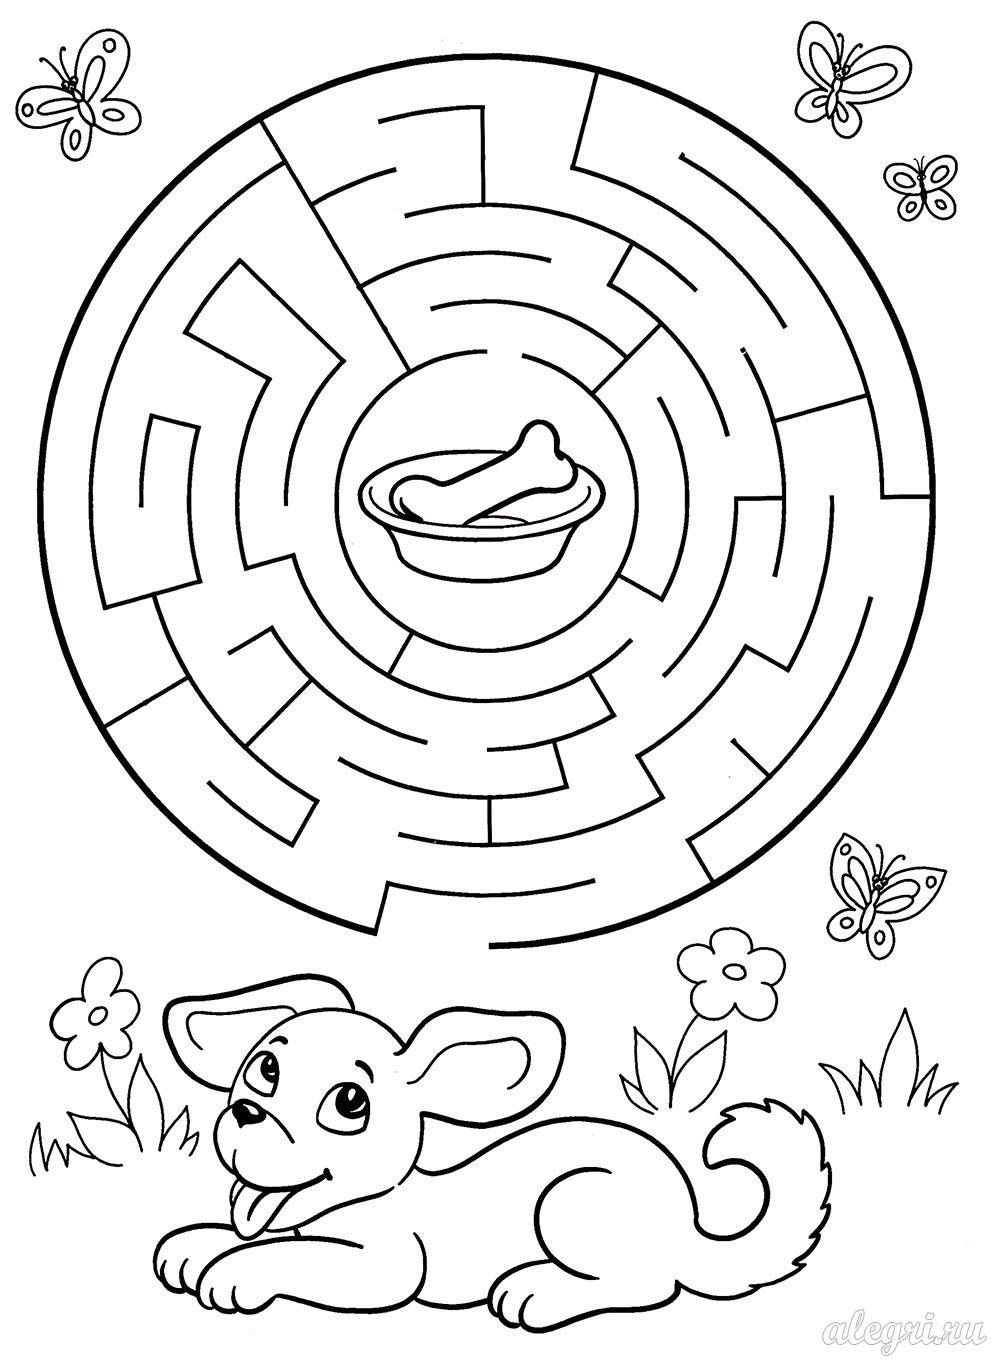 Лабиринты раскраски для детей распечатать бесплатно